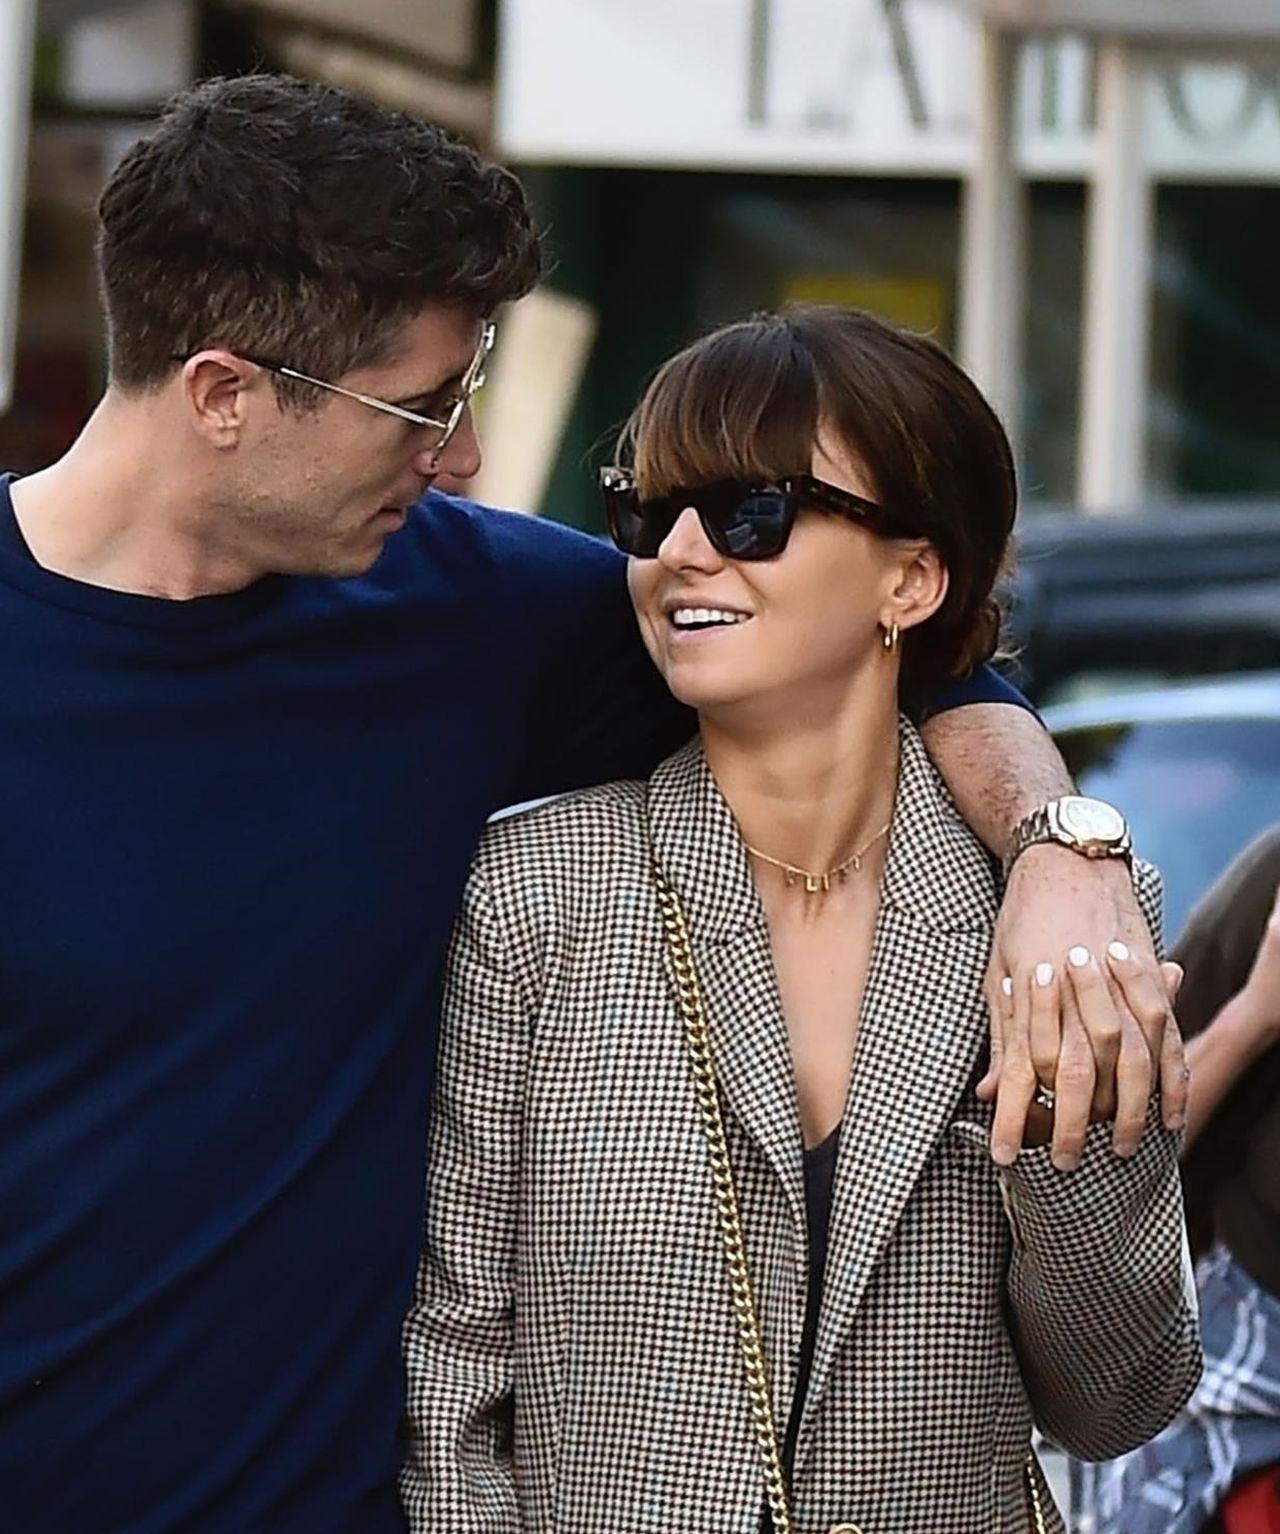 Zakochana Anna Lewandowska z Robertem na randce w Portofino (ZDJĘCIA)